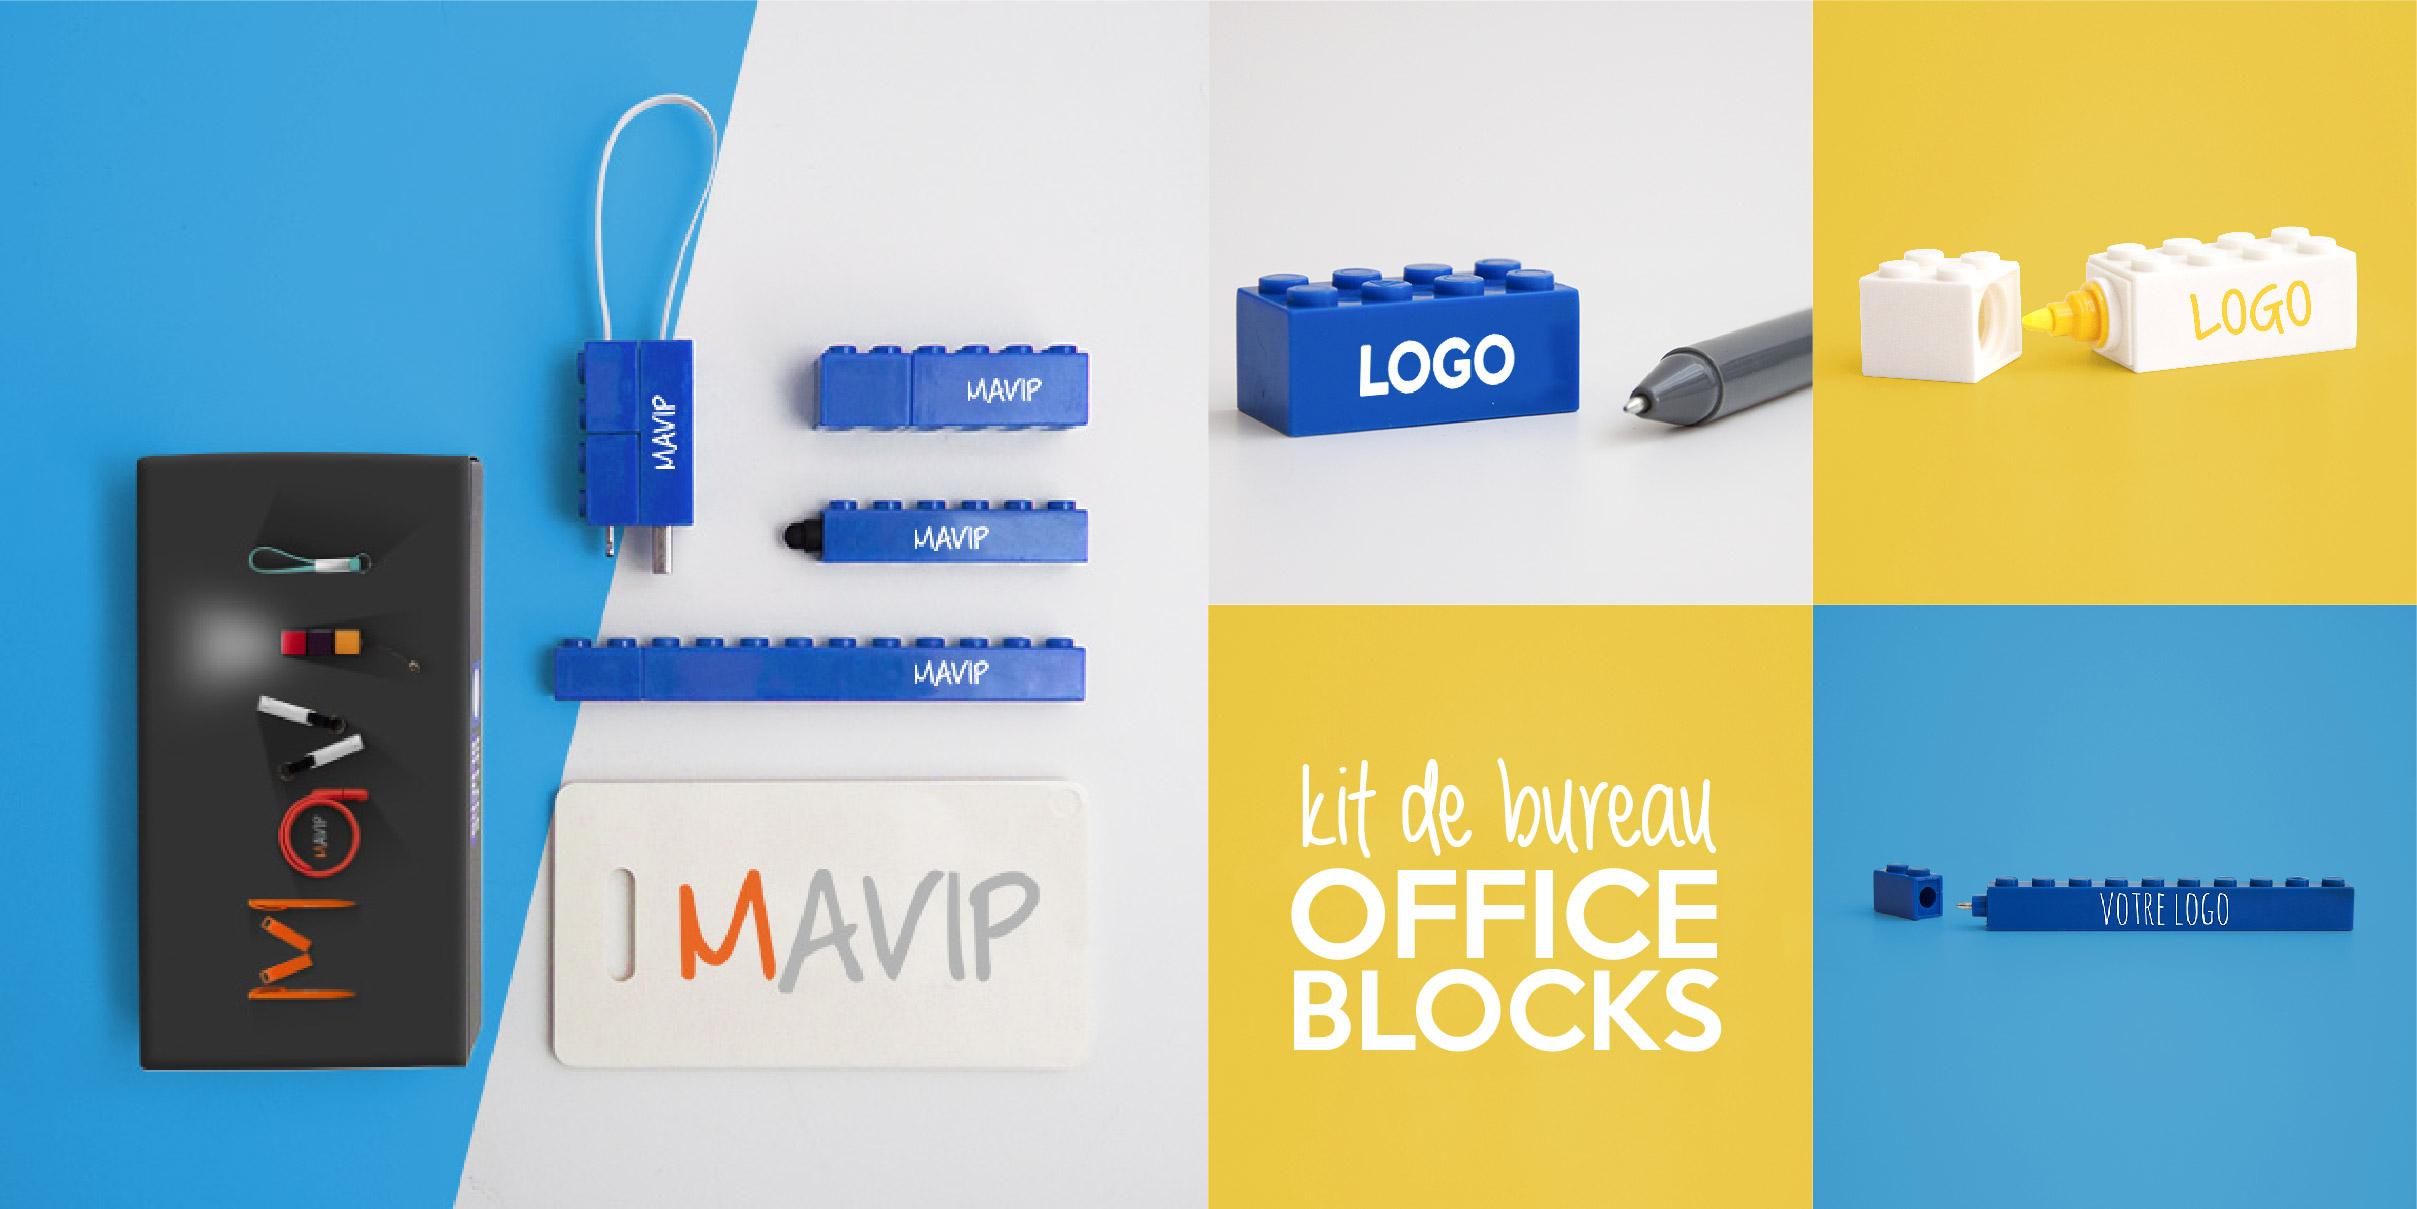 kit de bureau en forme de lego personnalisable avec logo